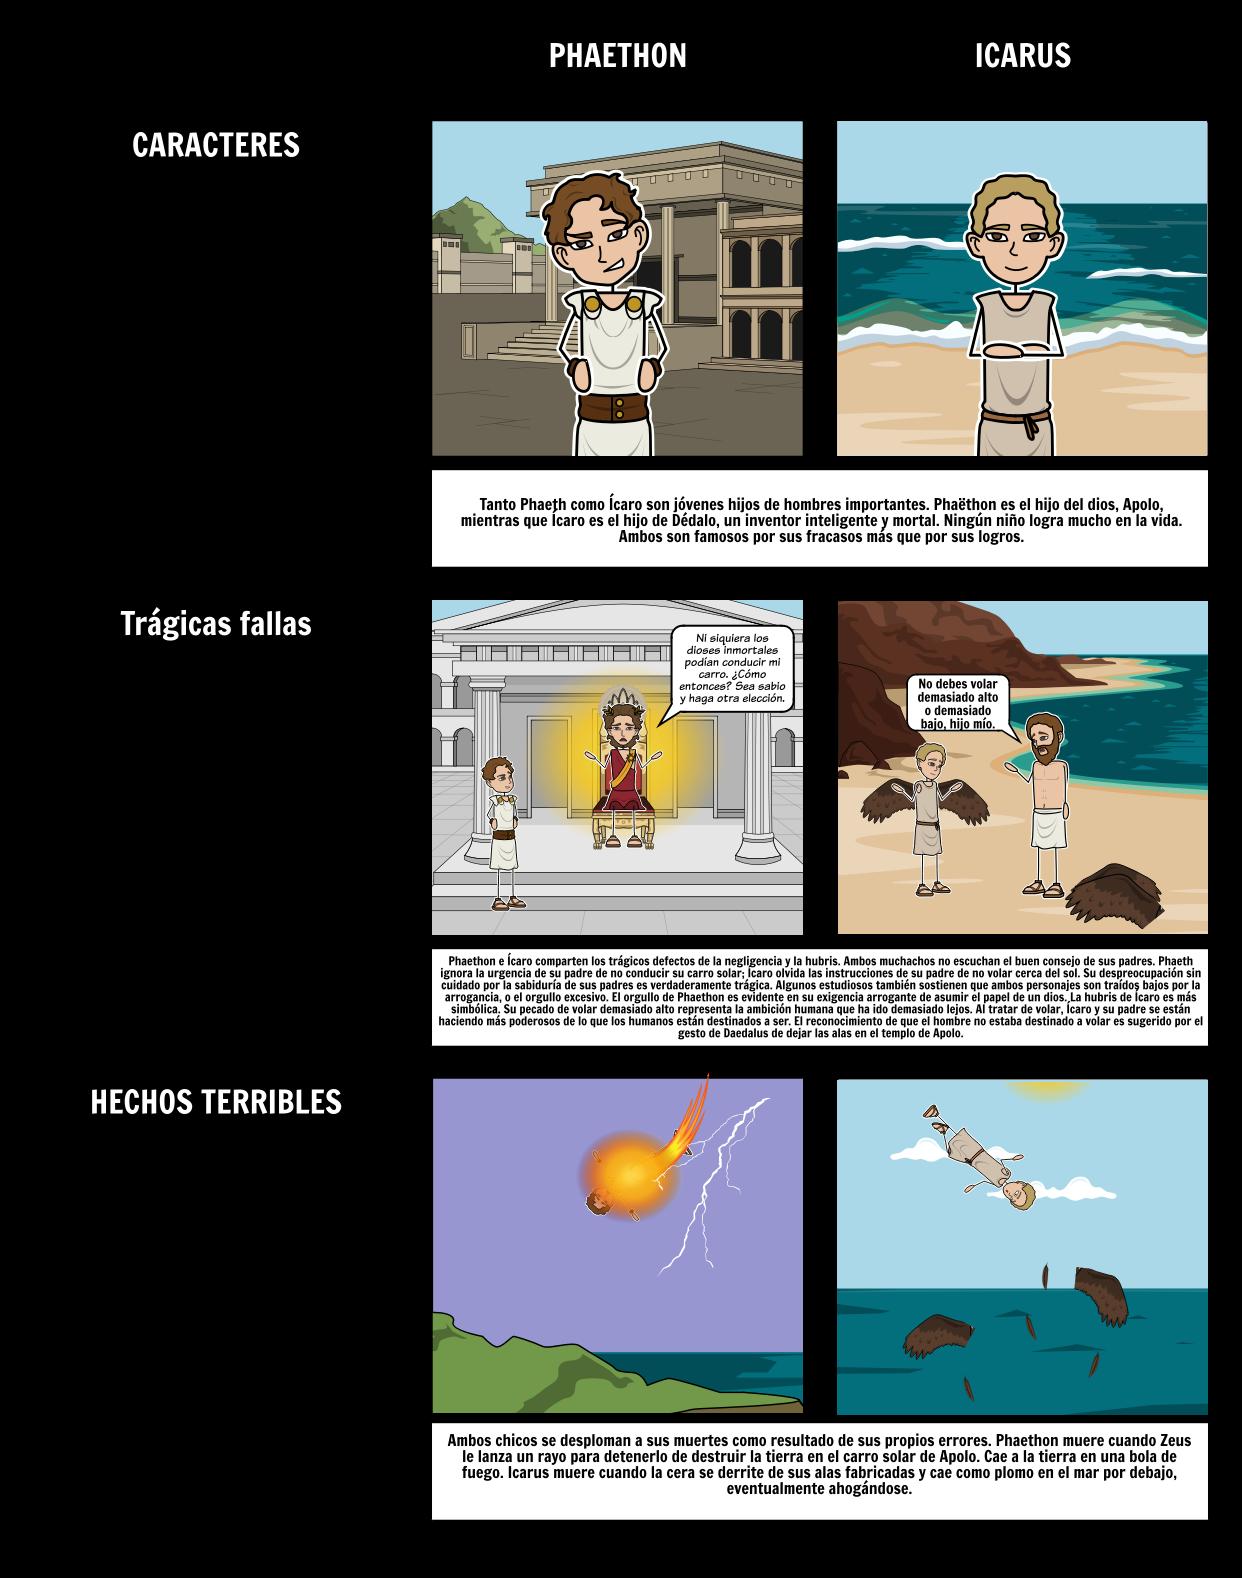 Comparación de Ícaro y Faetón